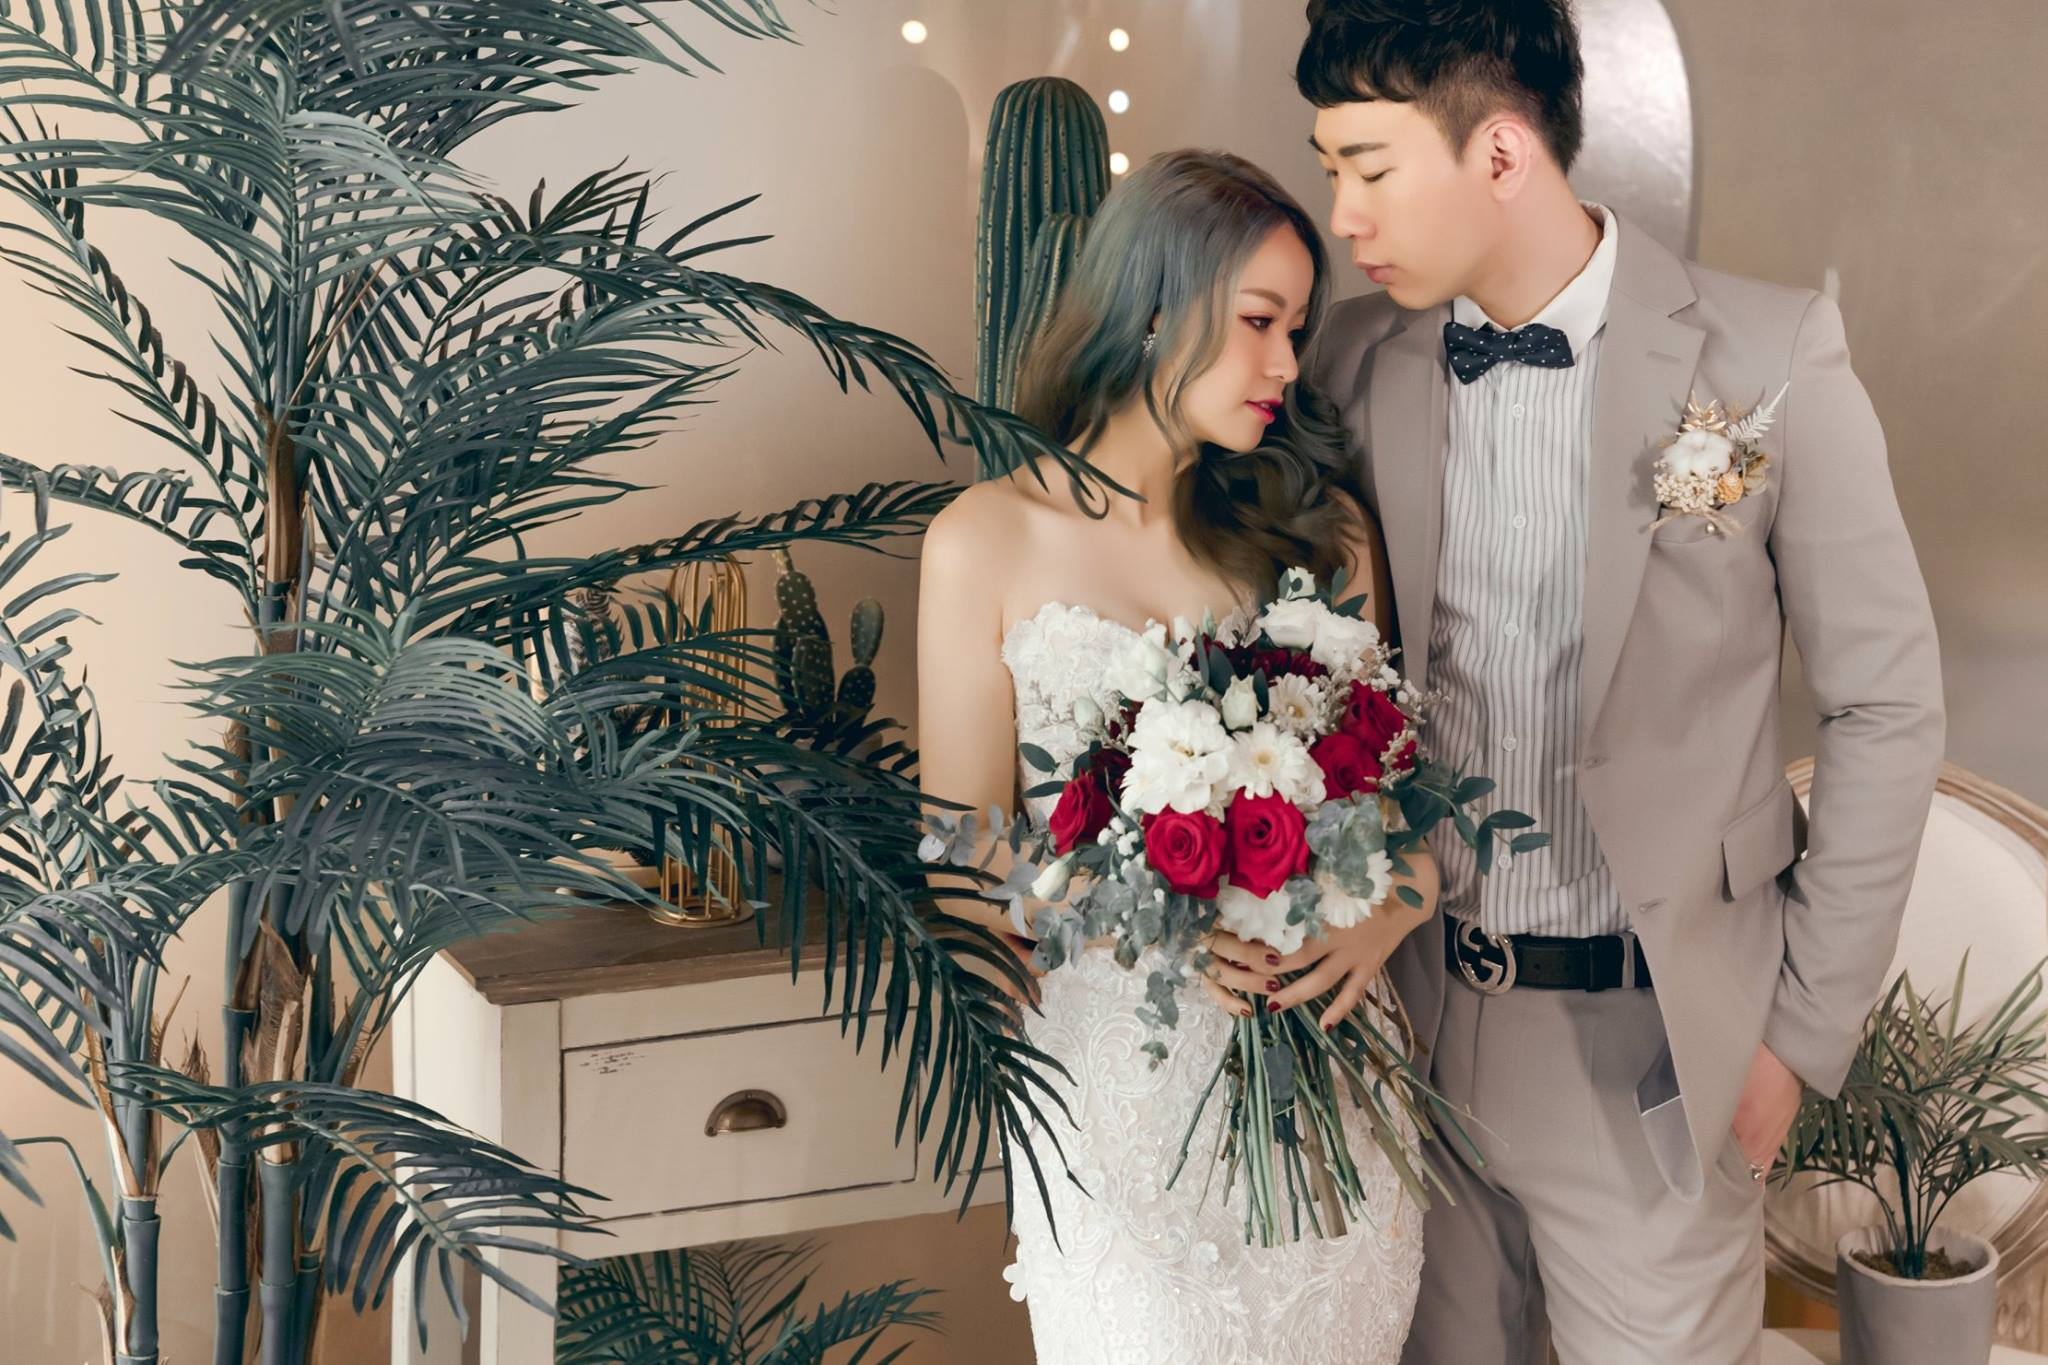 Lady Flora 手工訂製婚紗,台中,求婚,自助婚紗,造型,配件